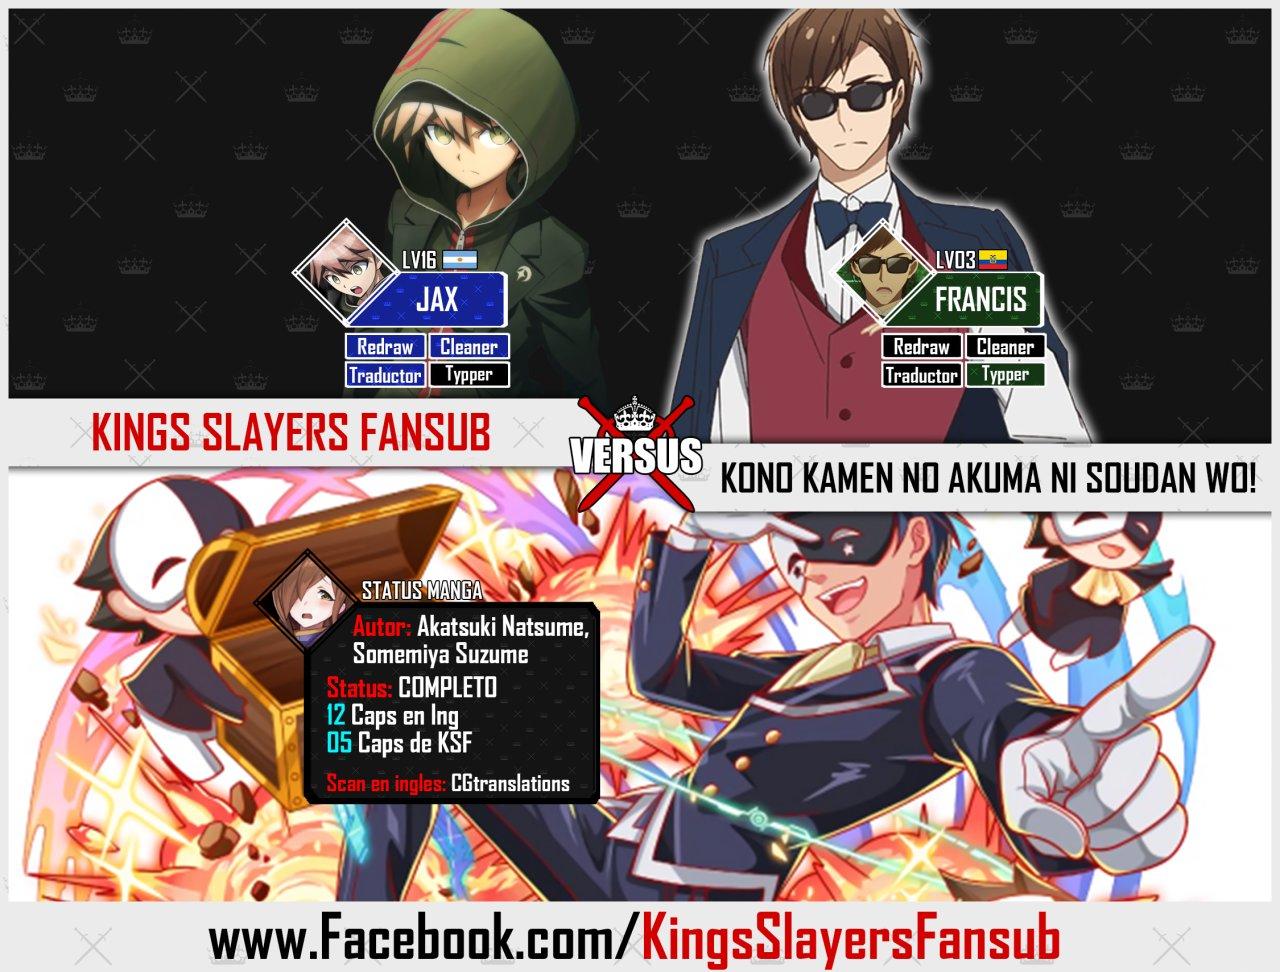 https://c10.mangatag.com/es_manga/pic5/33/25889/778978/db0c35ce2663c0e8c4b3f38642a49748.jpg Page 1